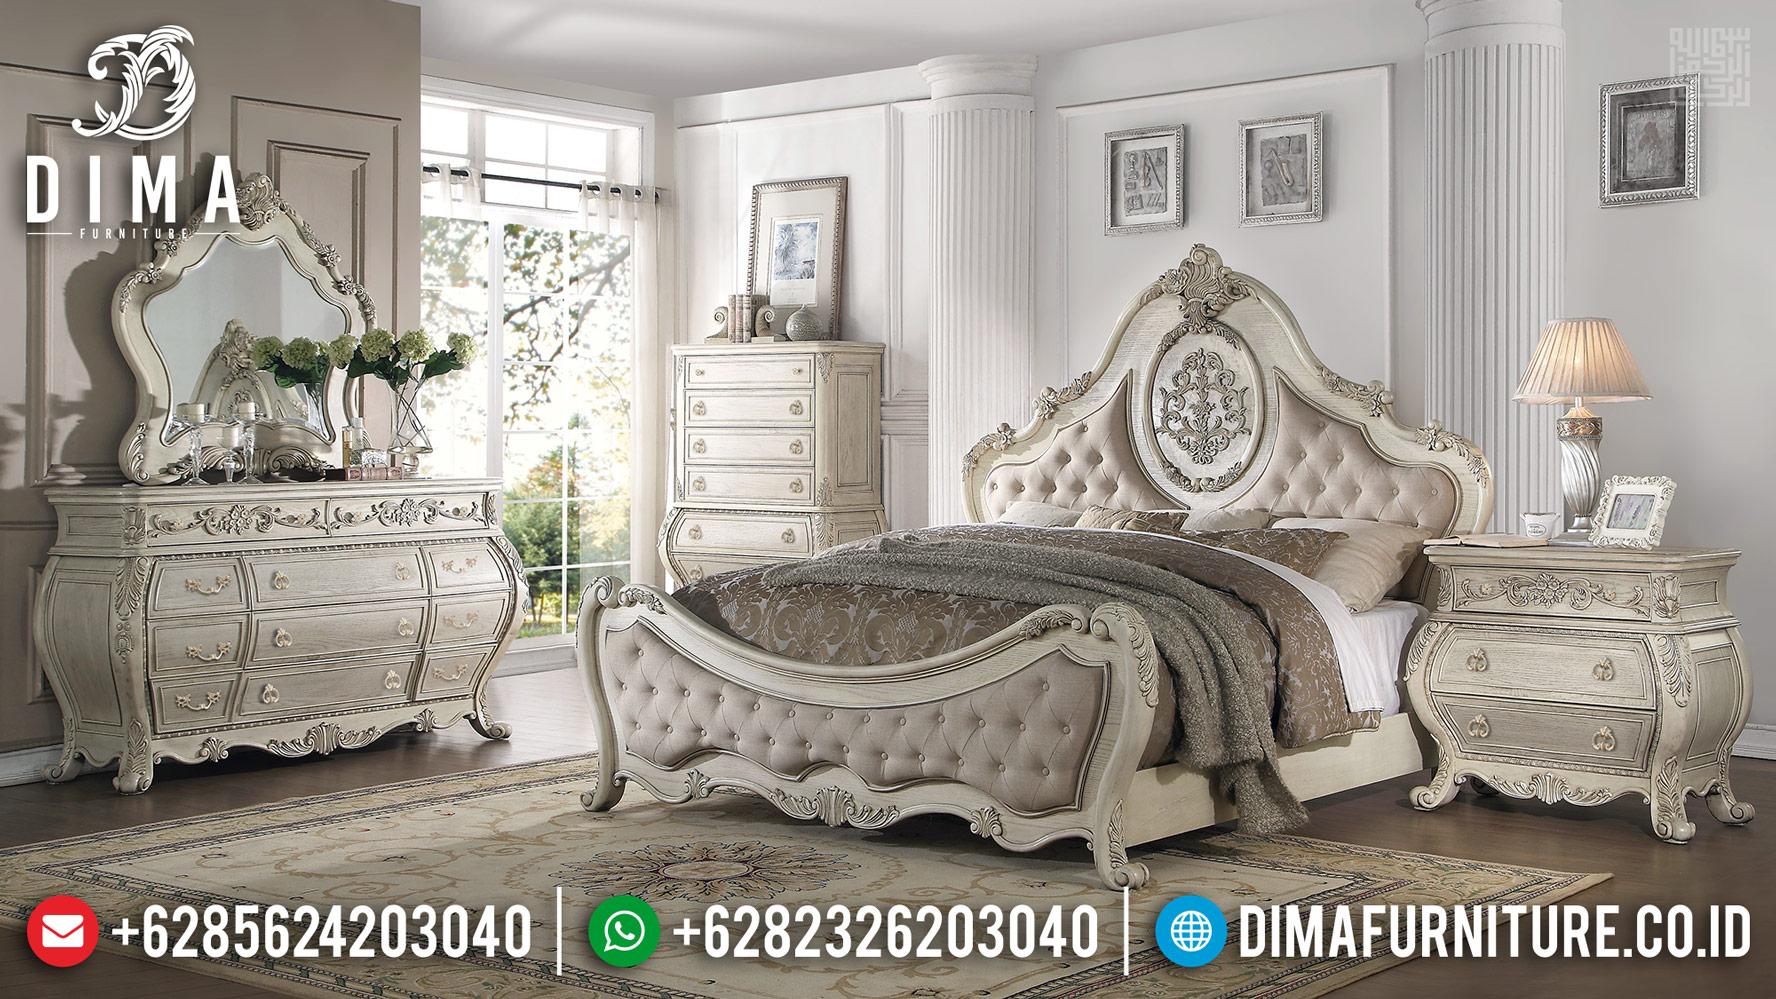 Harga Set Kamar Tidur Mewah, Tempat Tidur Mewah Ukiran Putih Duco Furniture Jepara TTJ-0420